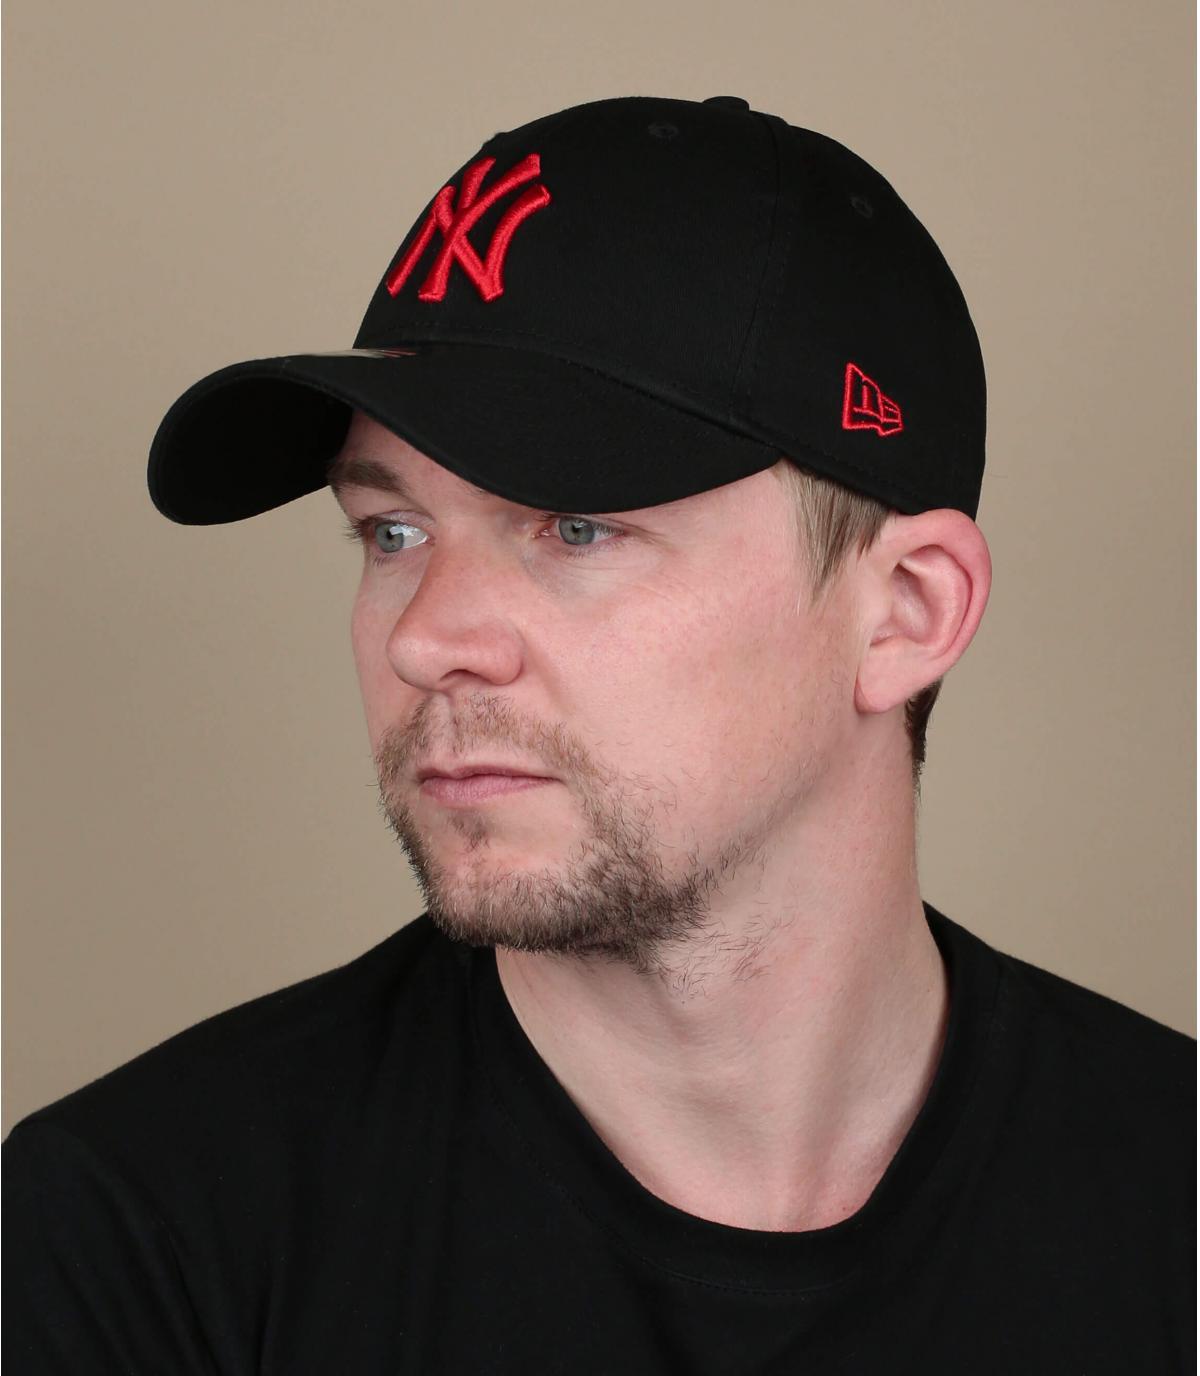 cappellino NY rosso nero